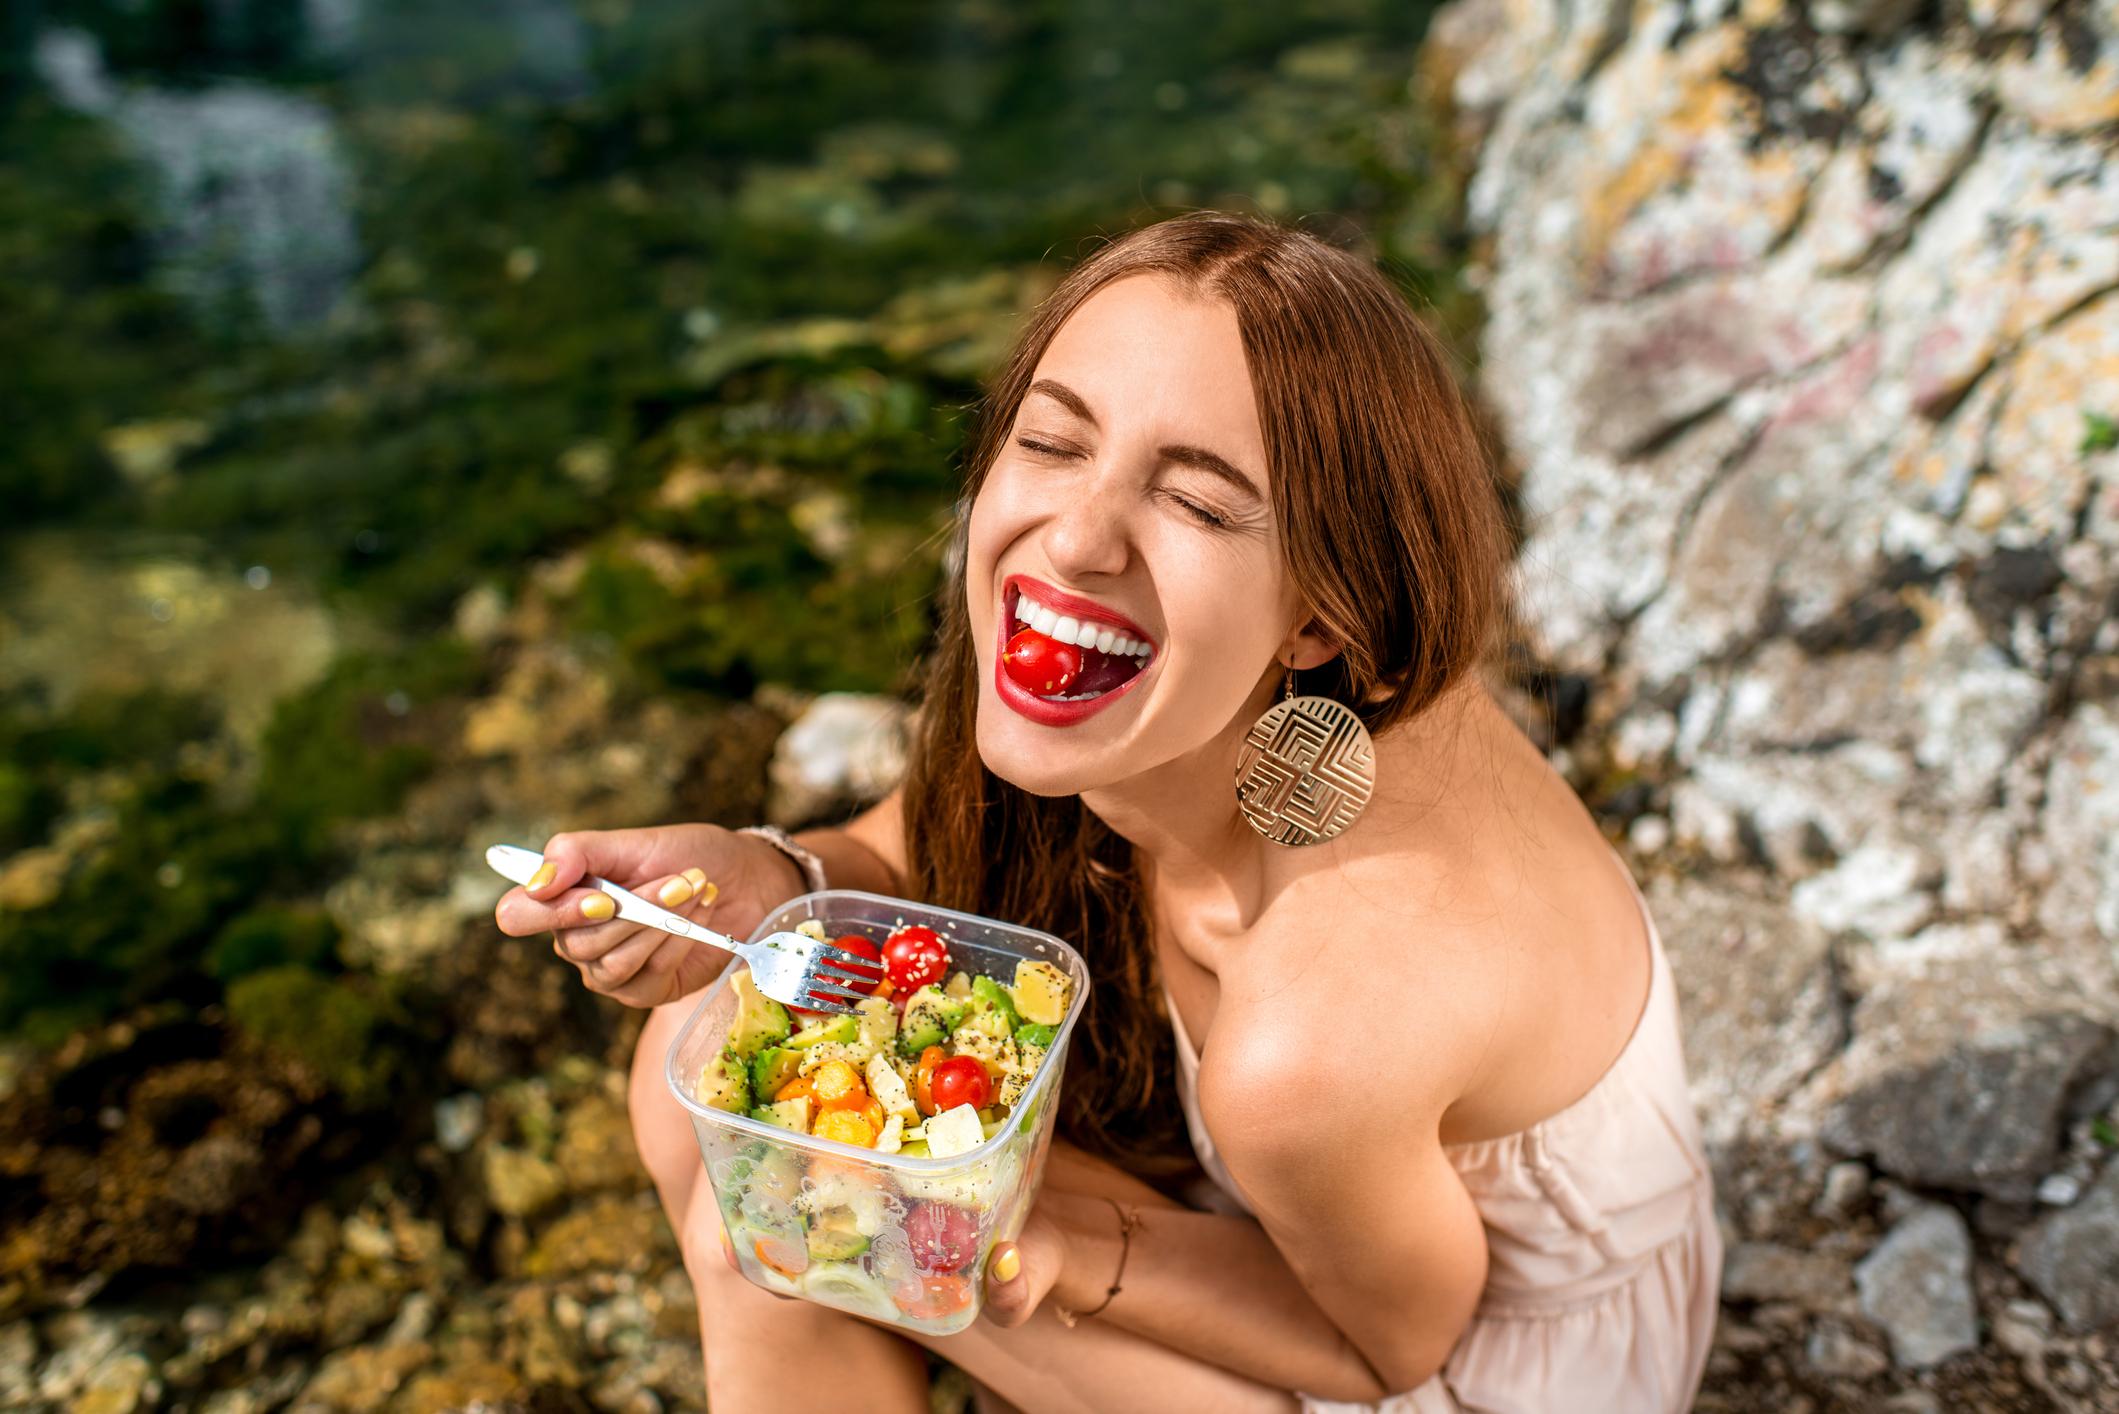 Σώμα Καλοκαίρι: Το κατάλληλο mindset για το σώμα μας είναι πιο σημαντικό από το να χάσουμε κιλά